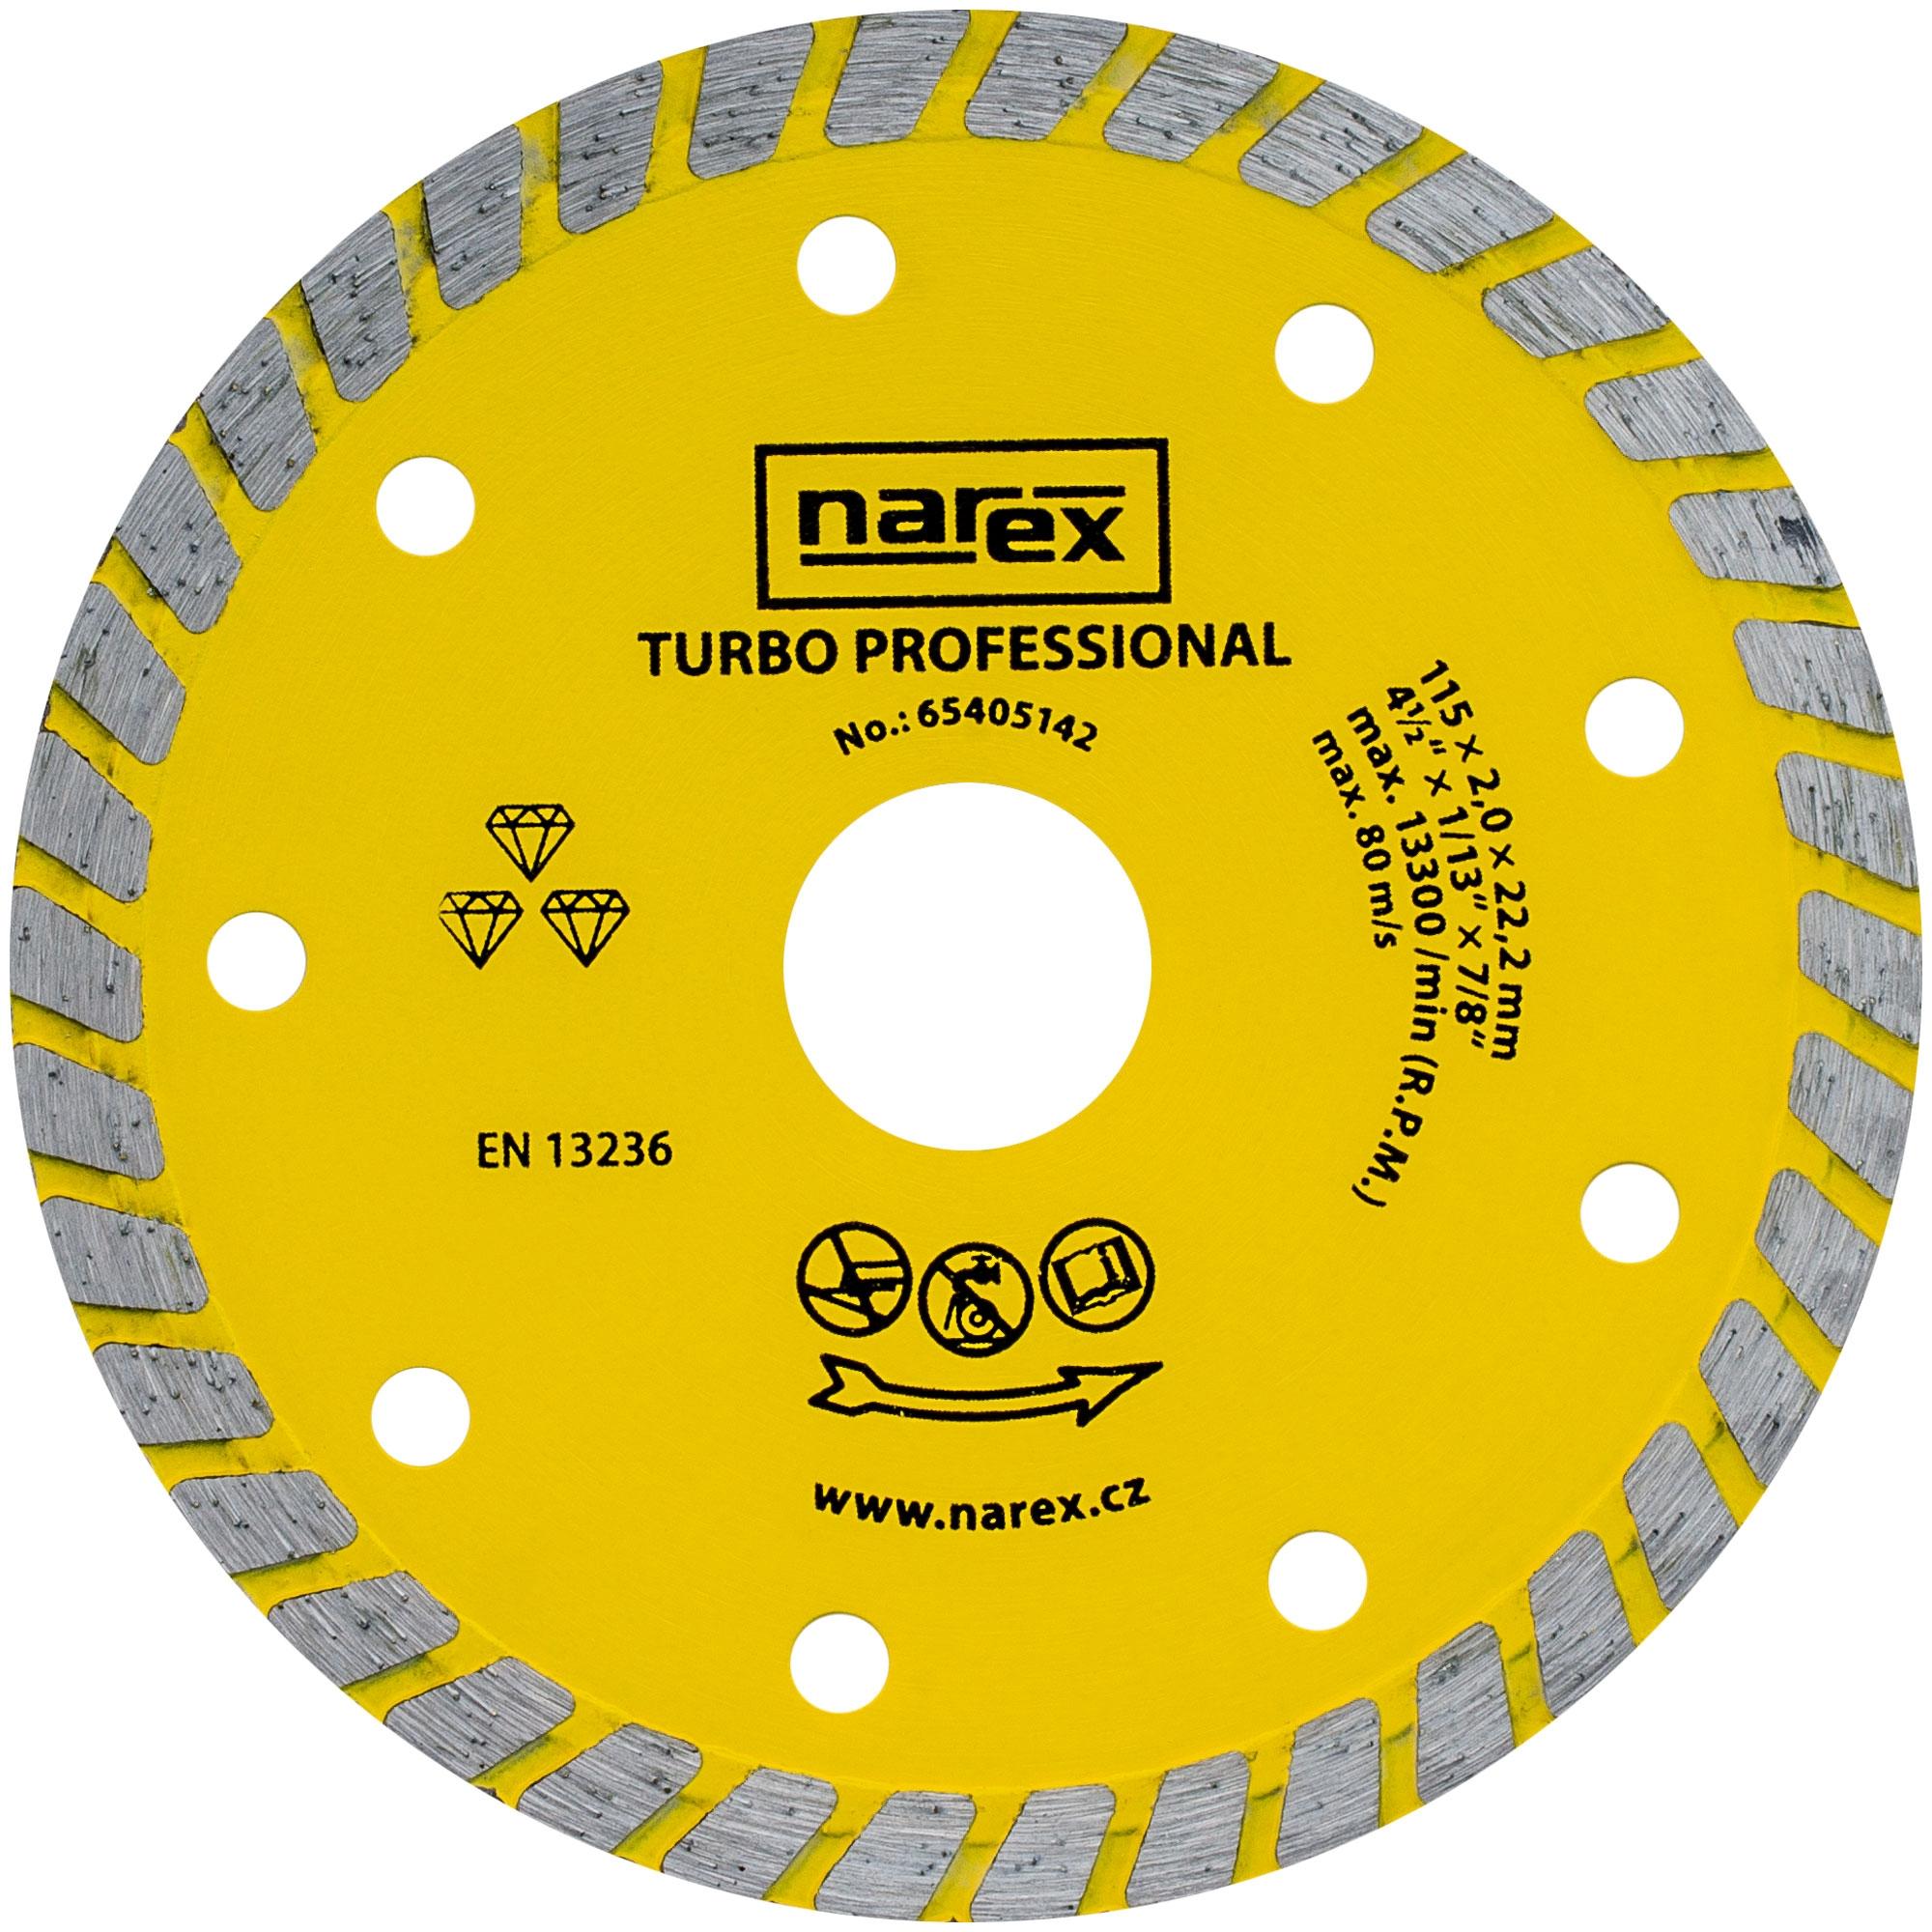 Narex DIA 115 TP -...